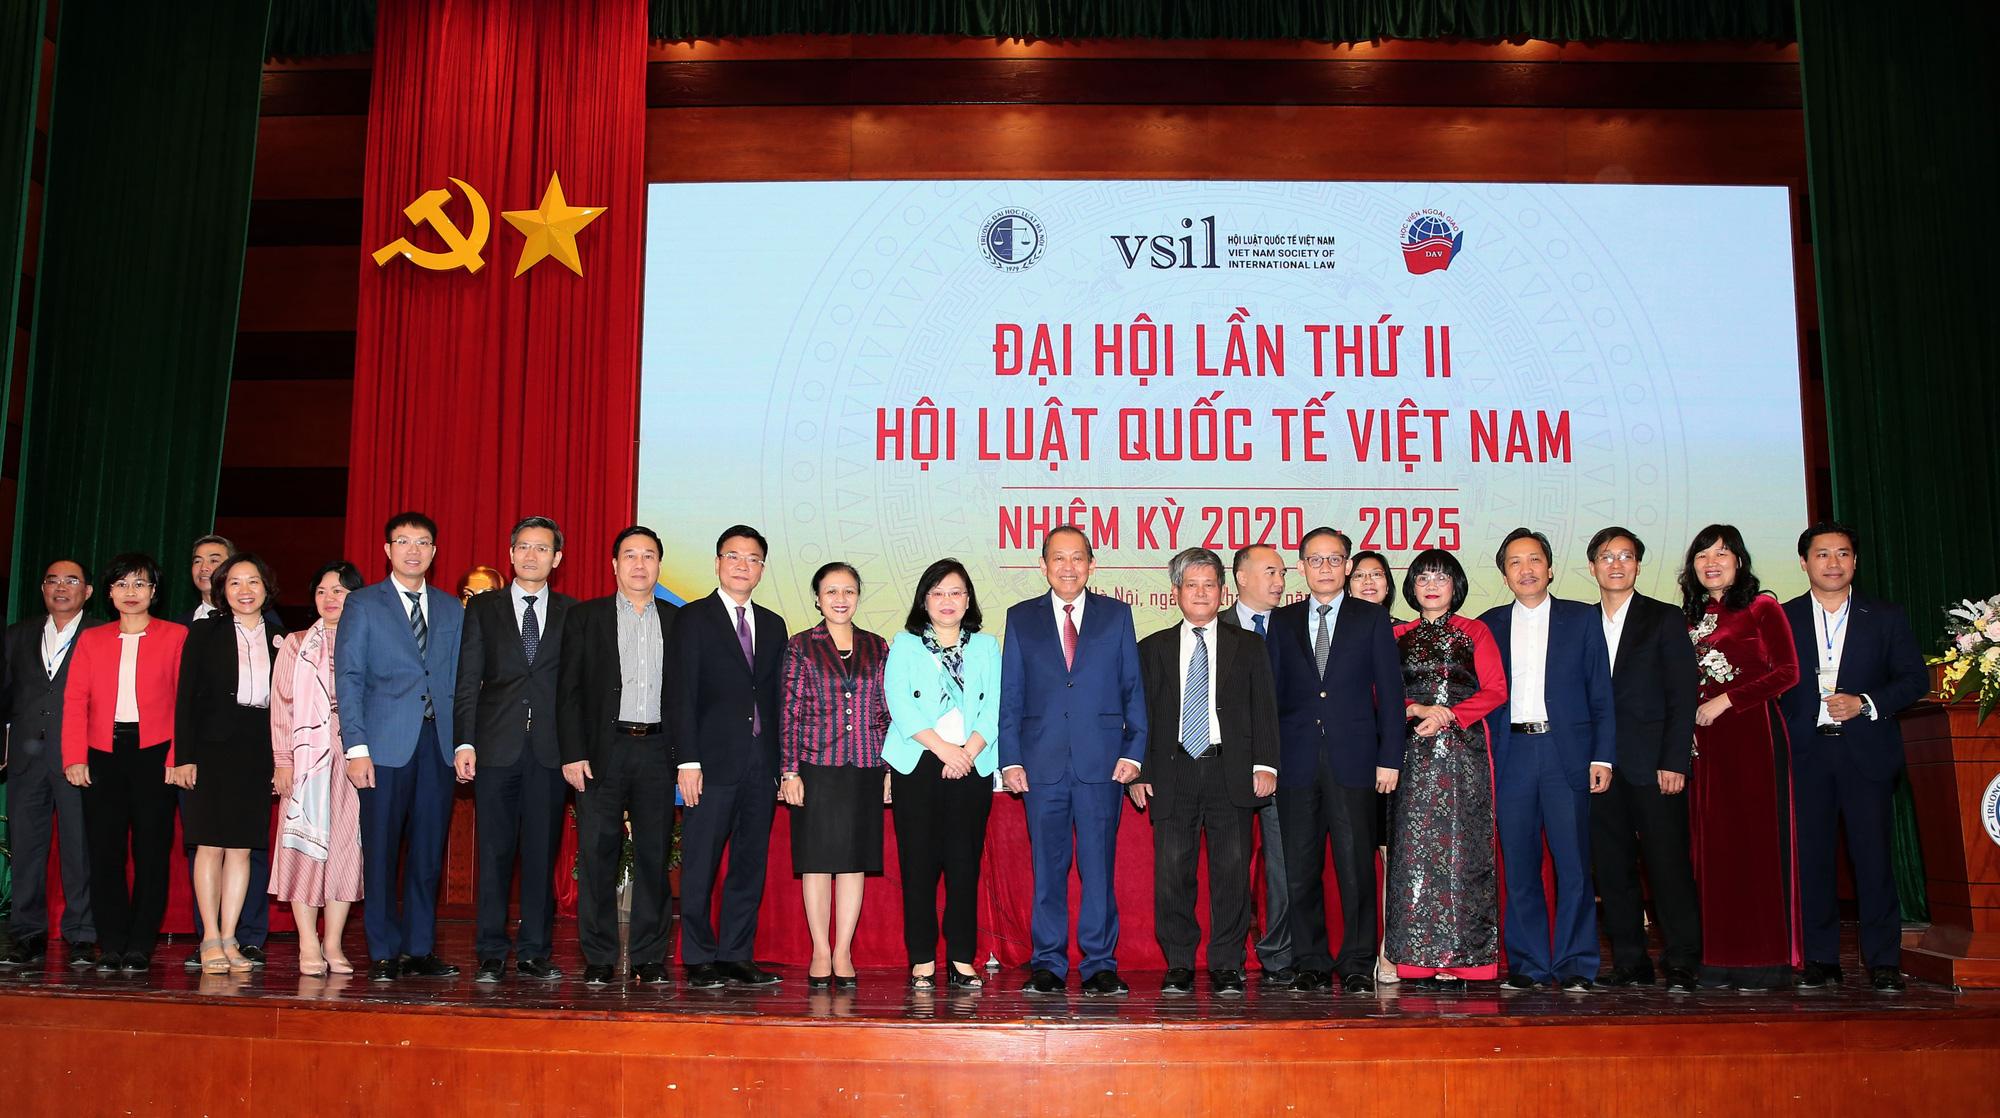 Thu hút sự quan tâm, ủng hộ lập trường của Việt Nam về Biển Đông - Ảnh 2.